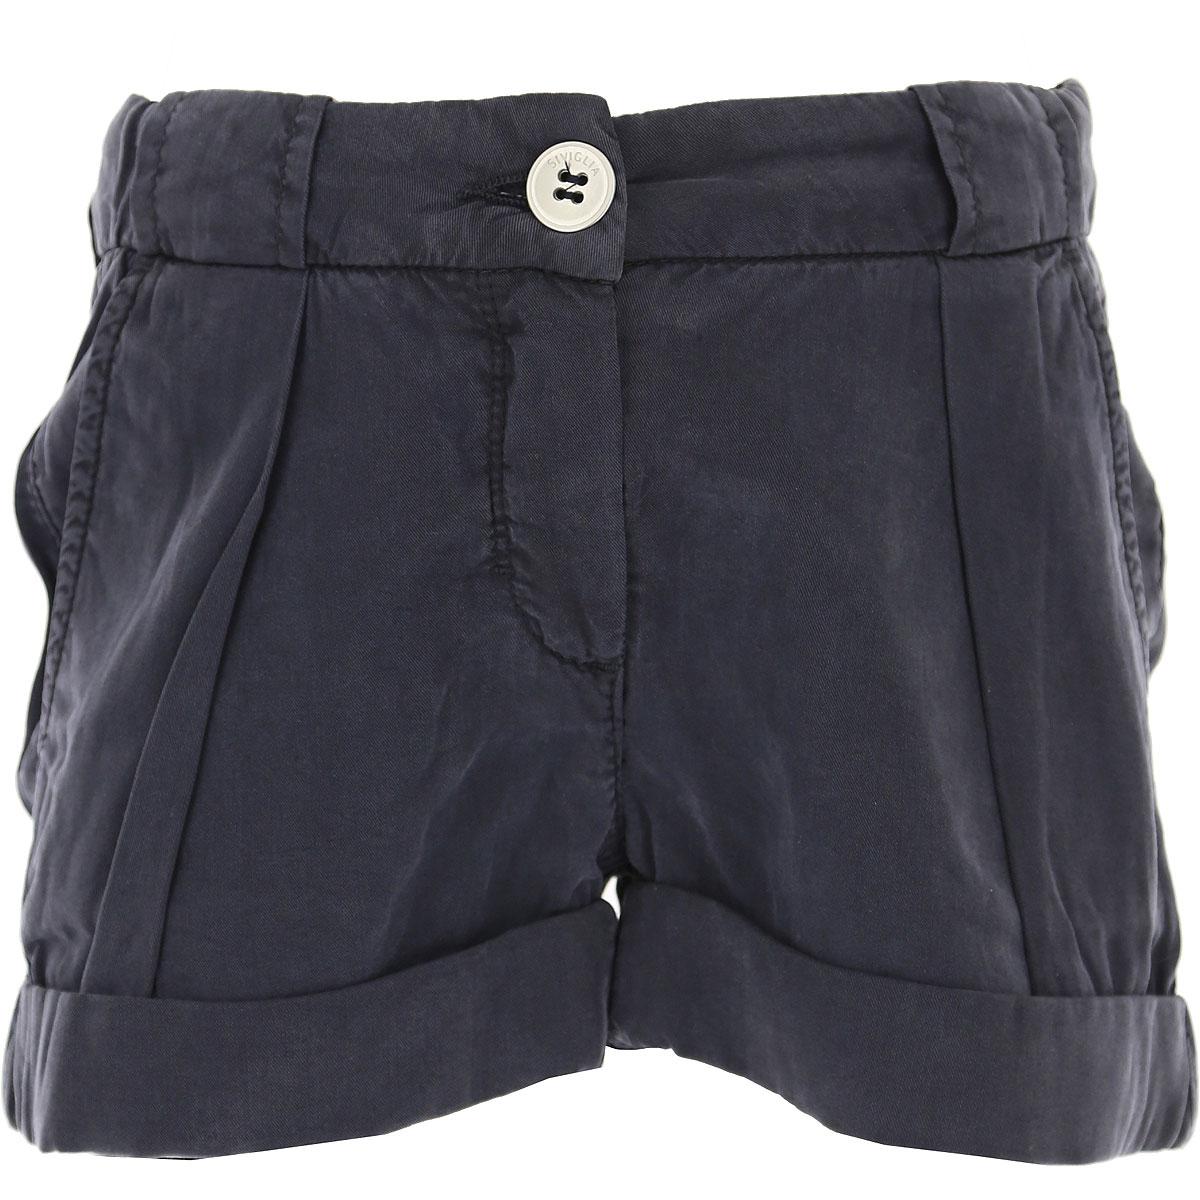 Siviglia Kids Shorts for Girls On Sale in Outlet, Blue, tencel, 2019, 2Y 4Y 5Y 6Y 7Y